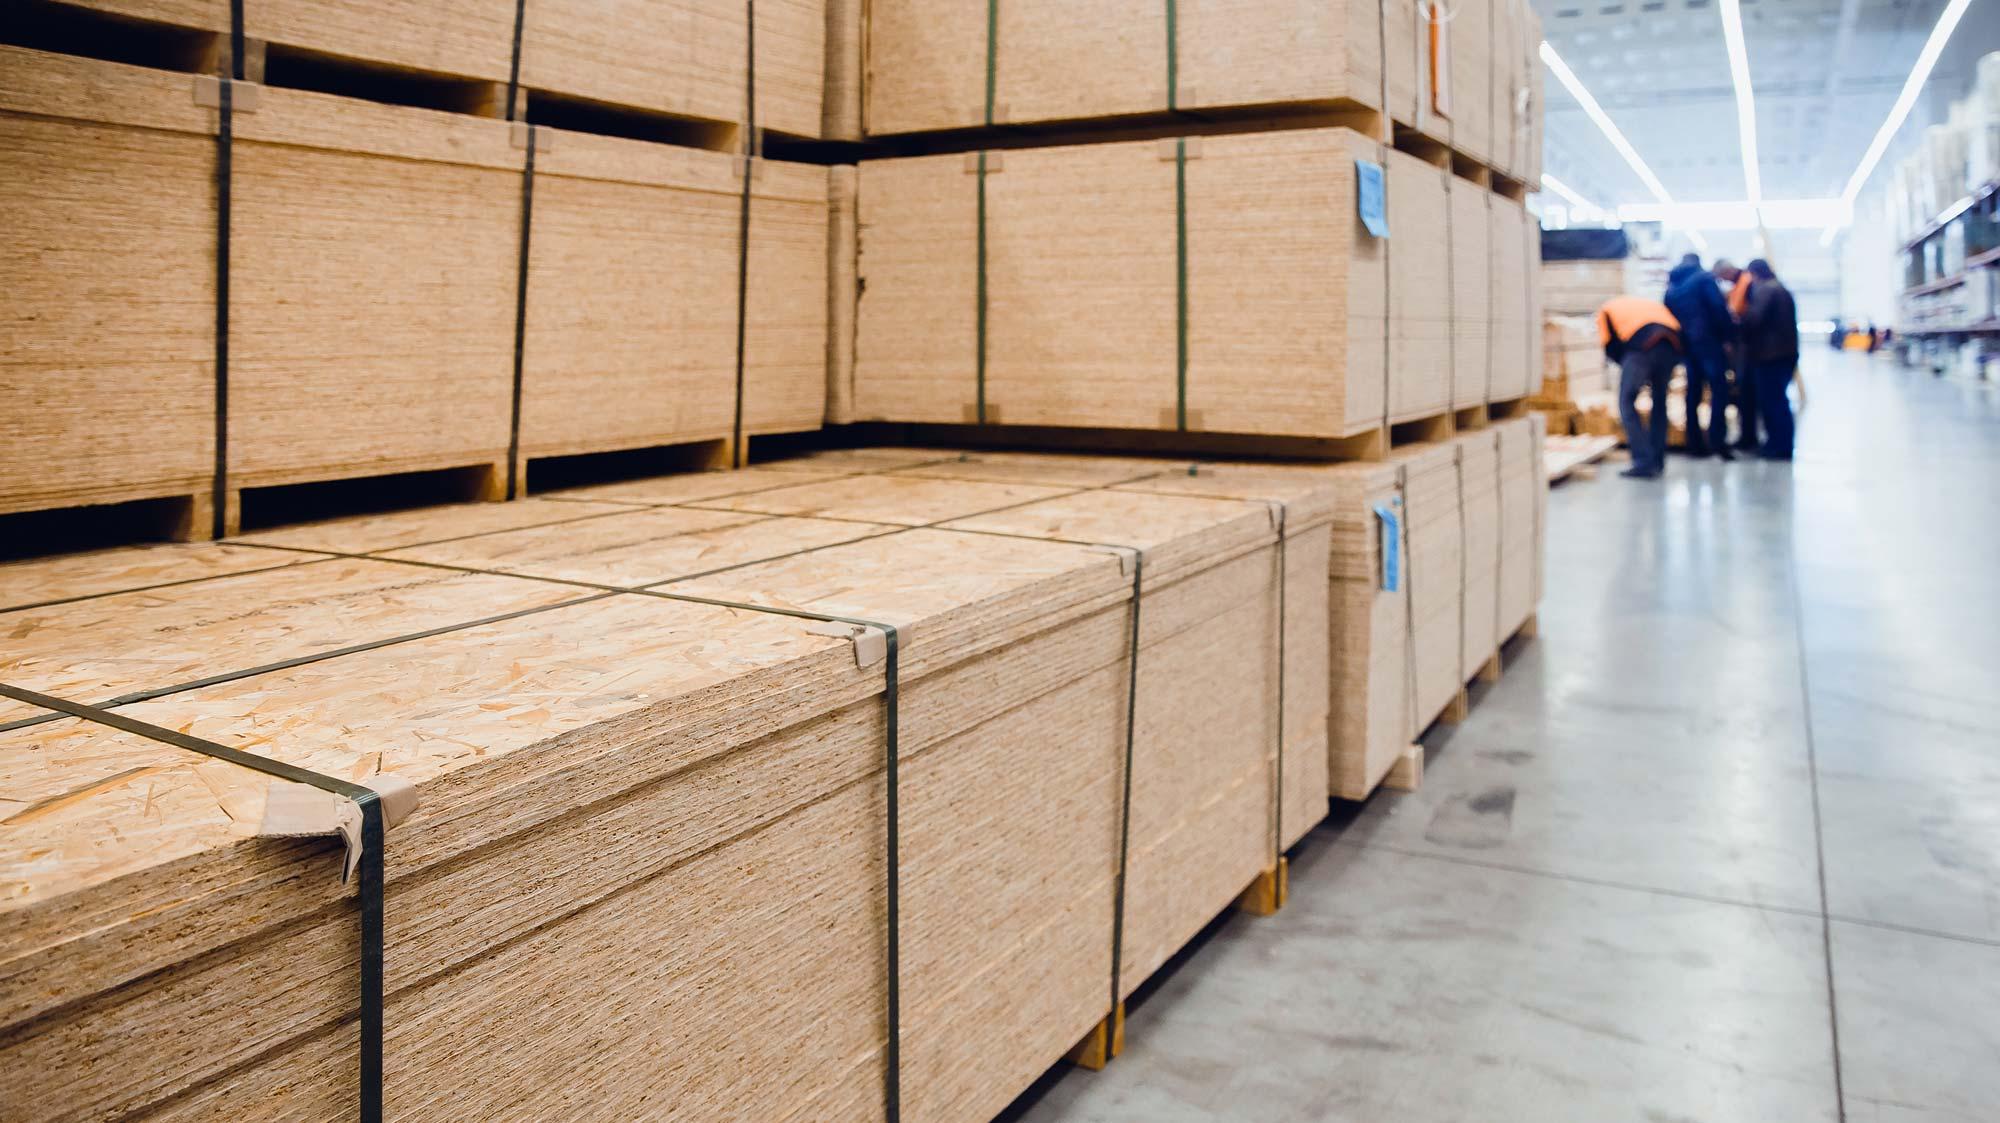 Produzione Mobili In Legno Riciclato : Mobili legno riciclato u idee immagine mobili